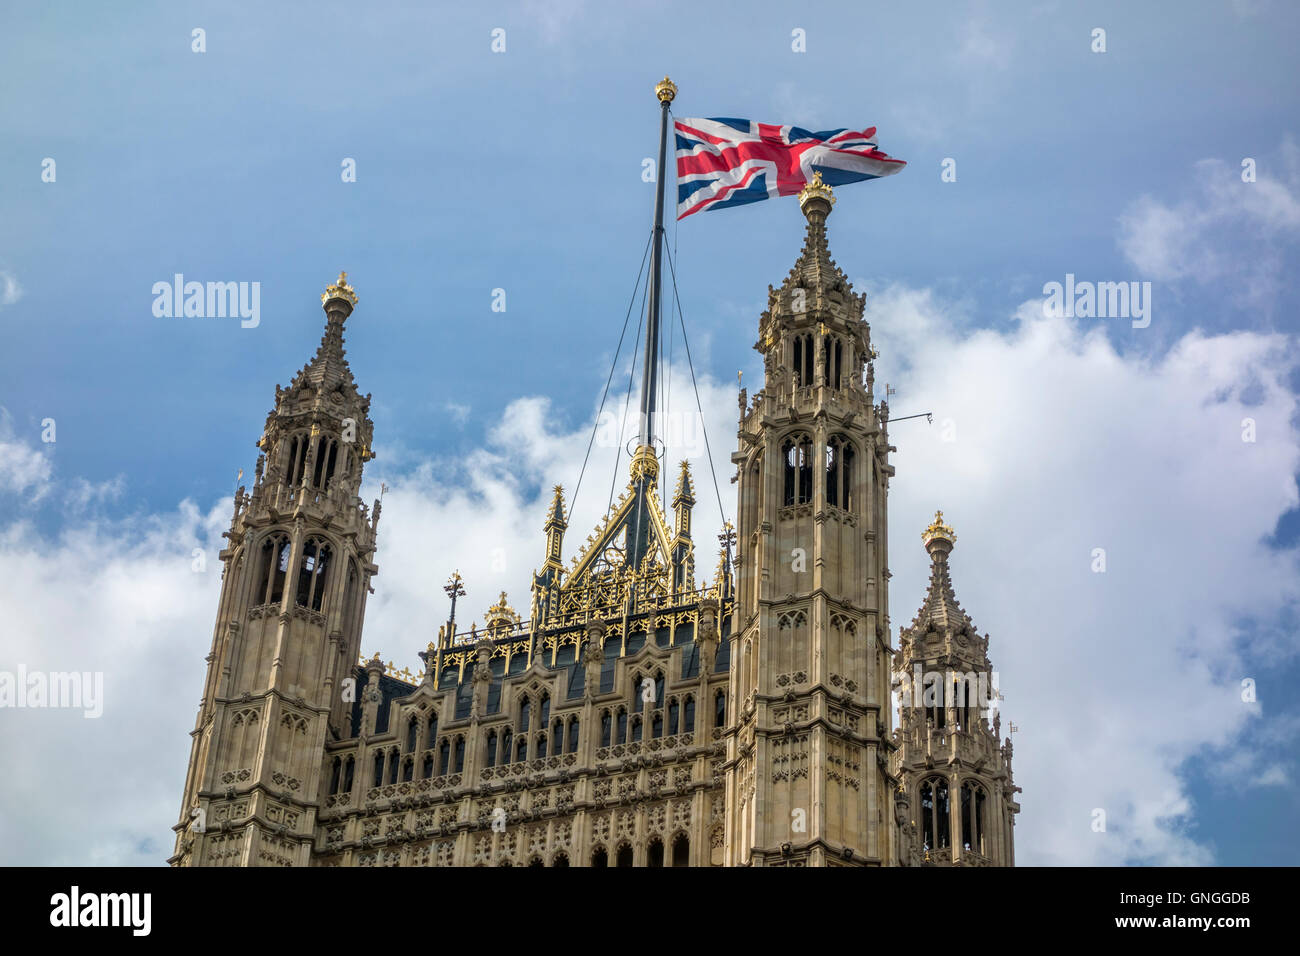 Anschluß-Markierungsfahne fliegen über Victoria Tower, Houses of Parliament. London, UK Stockbild